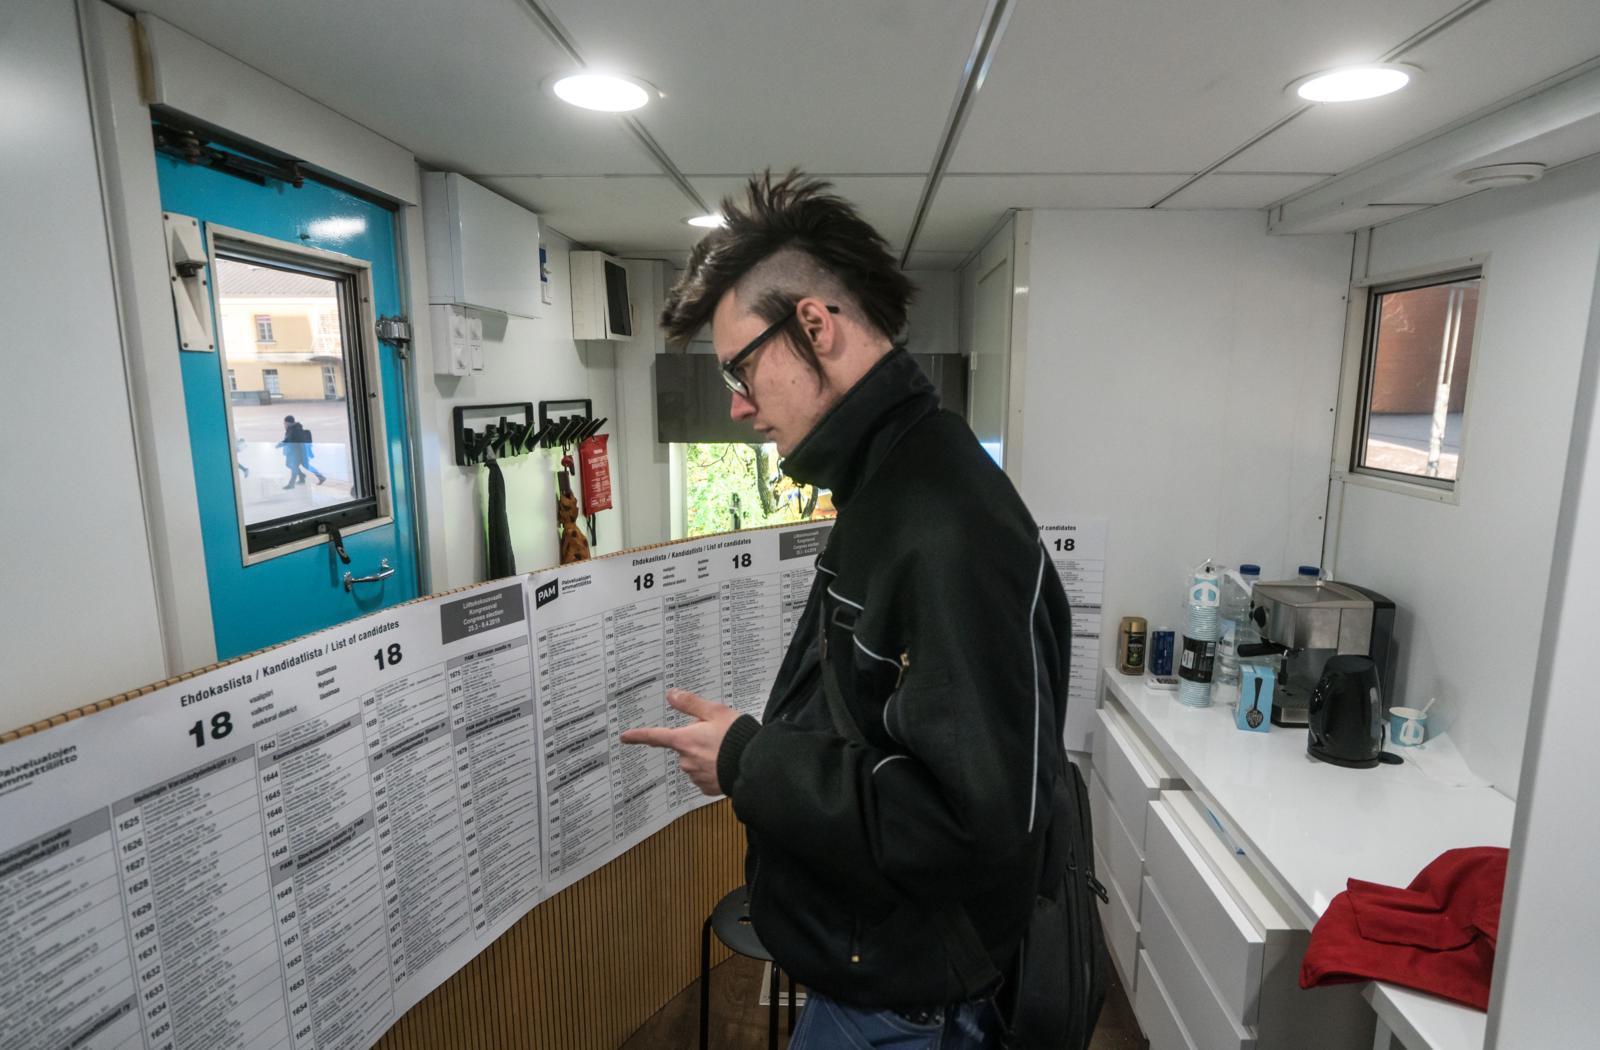 Rekan sisältä löytyvällä äänestyspisteellä voi tutustua liittokokousvaalien ehdokaslistoihin. Kuva: Jukka Rapo.